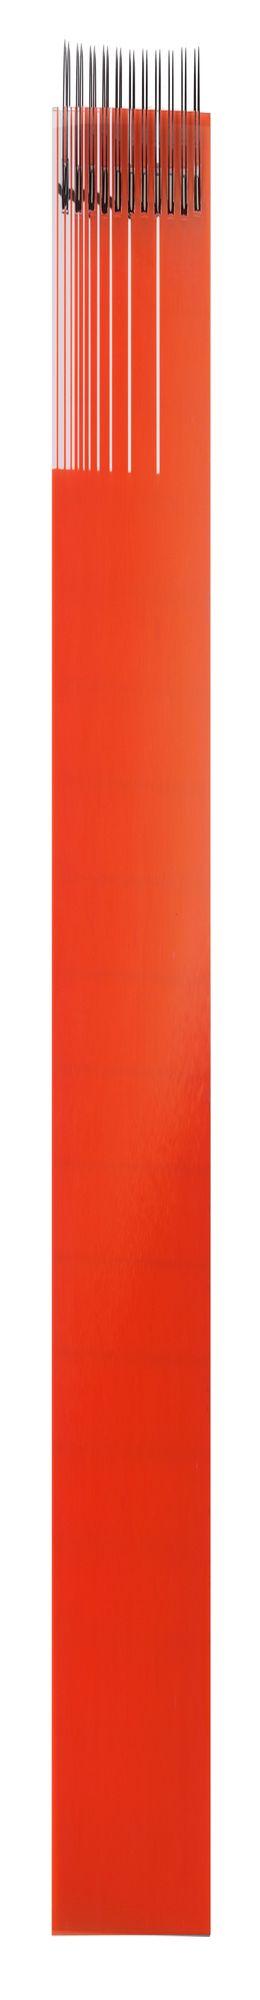 Непромокаемый блокнот Gus, оранжевый фото